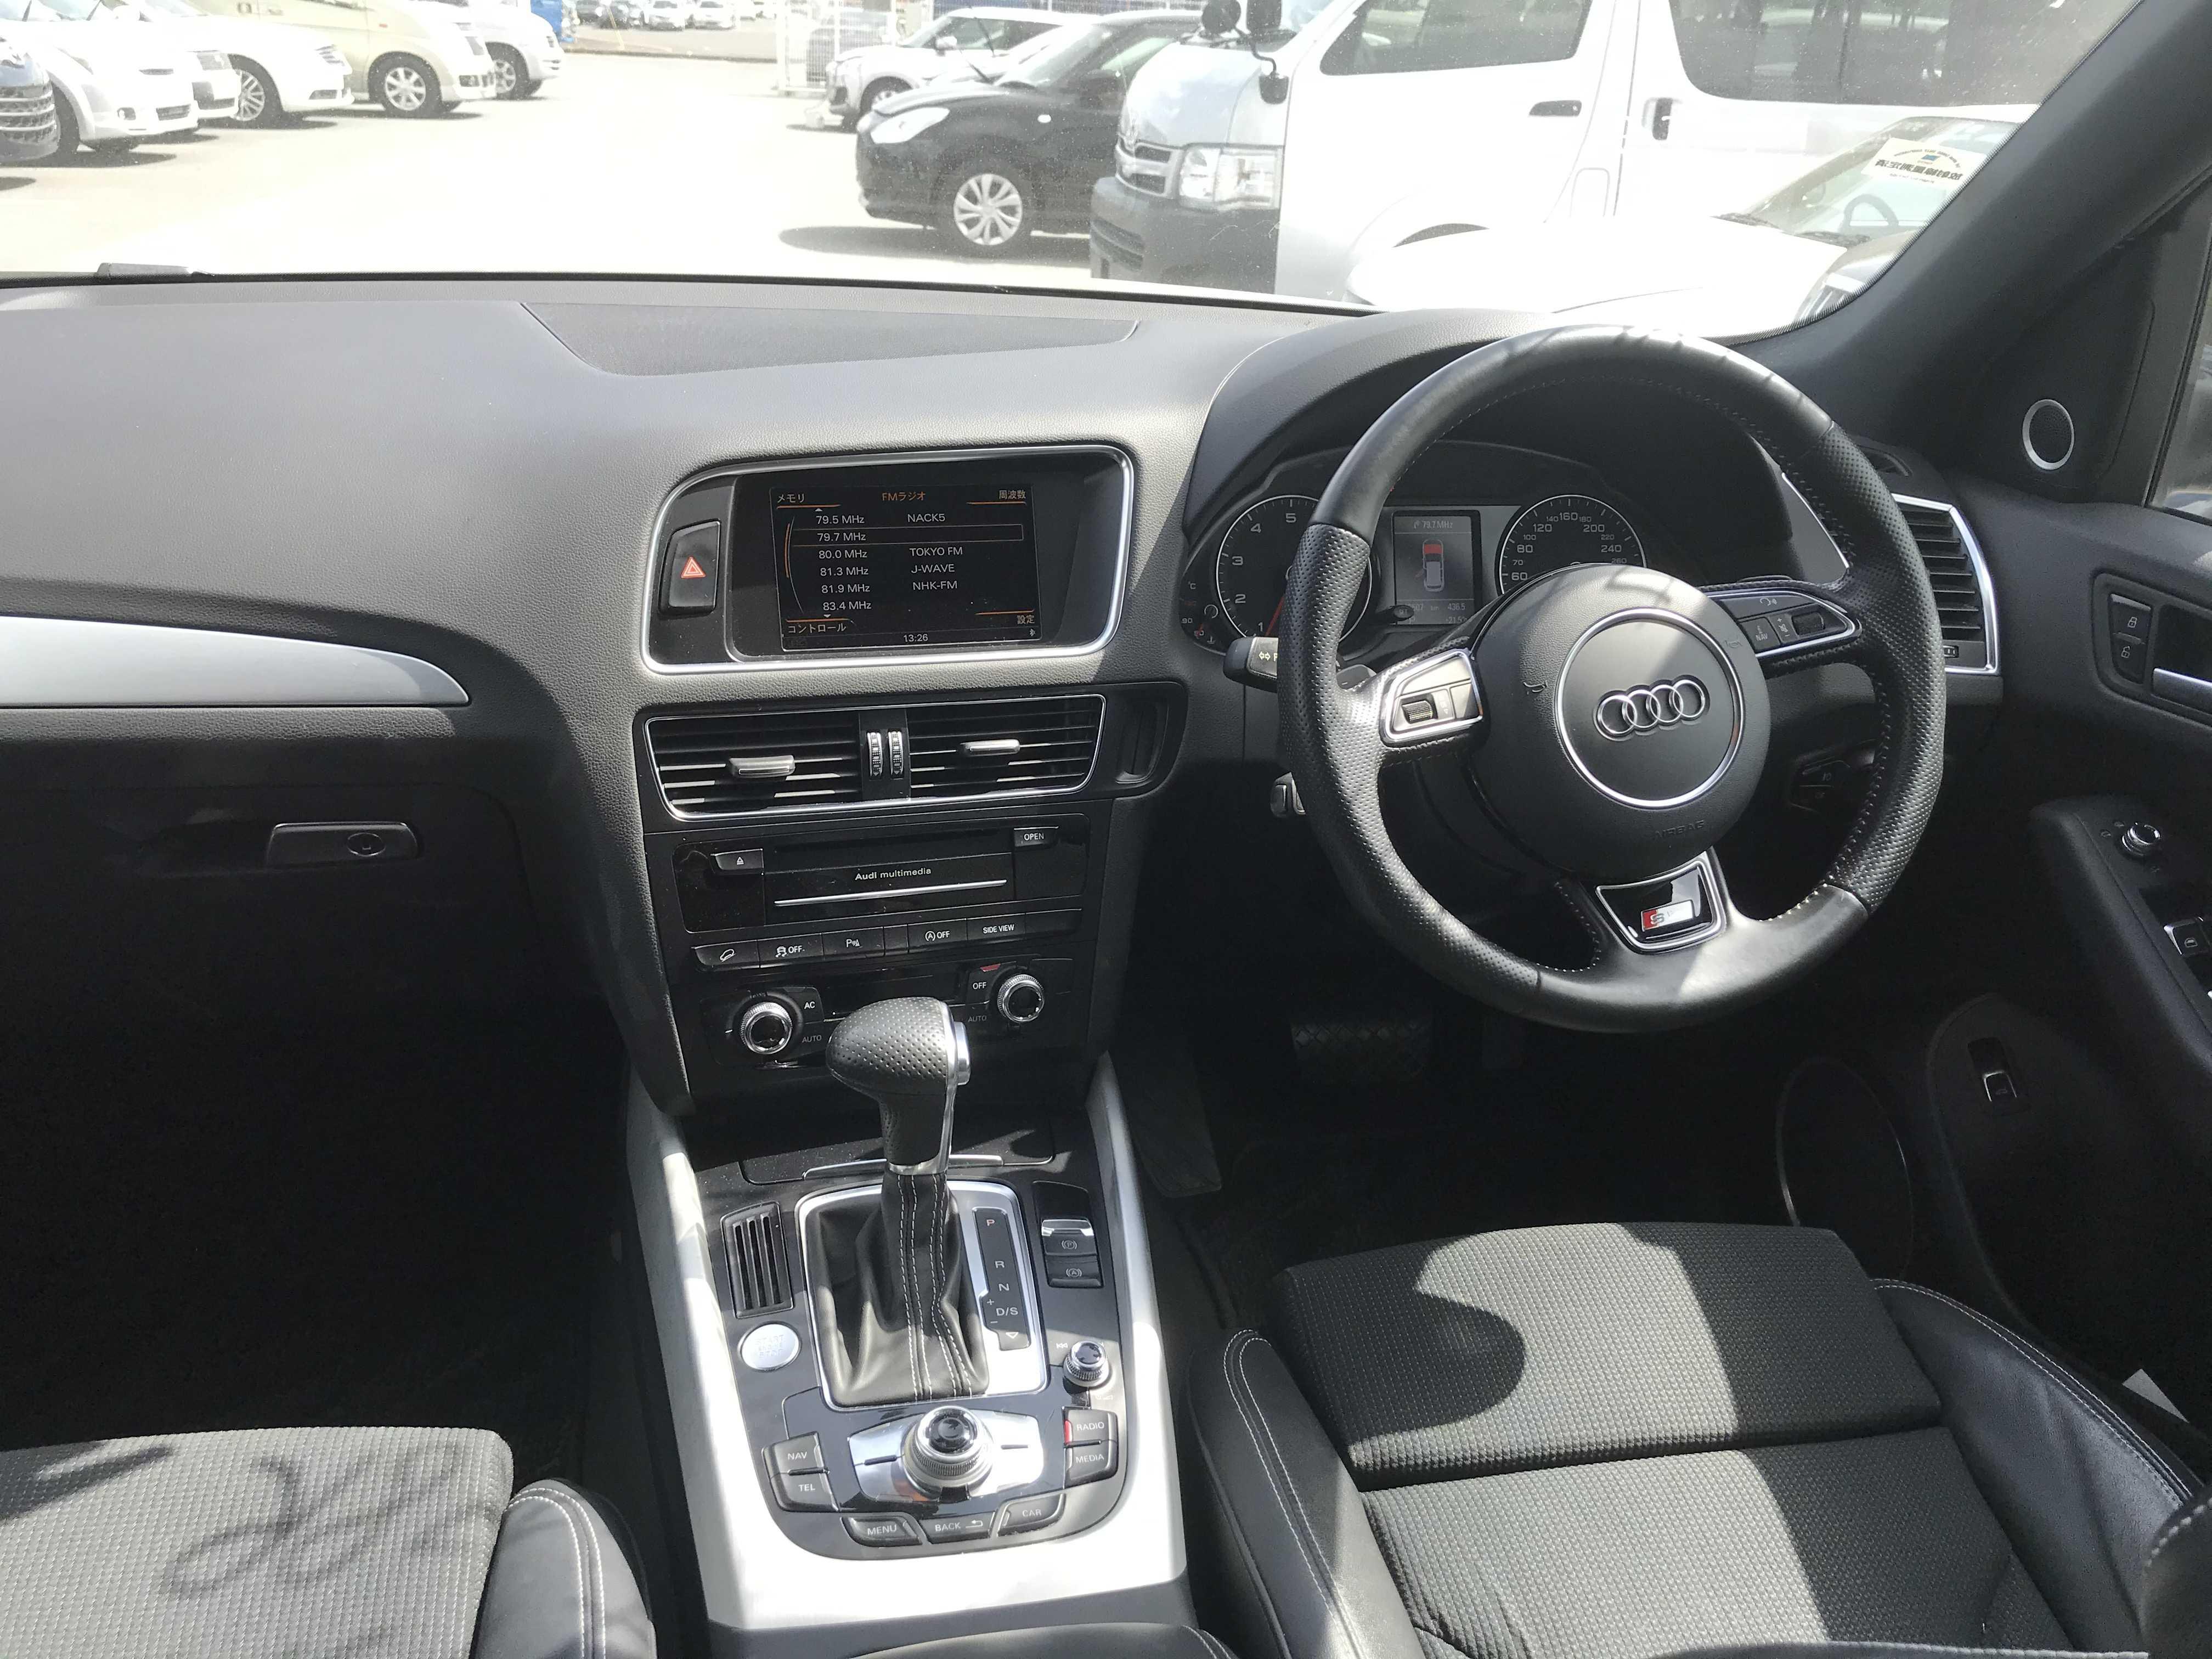 Audi Q5 2013, BLACK, 1980cc, ATM - Autocraft Japan